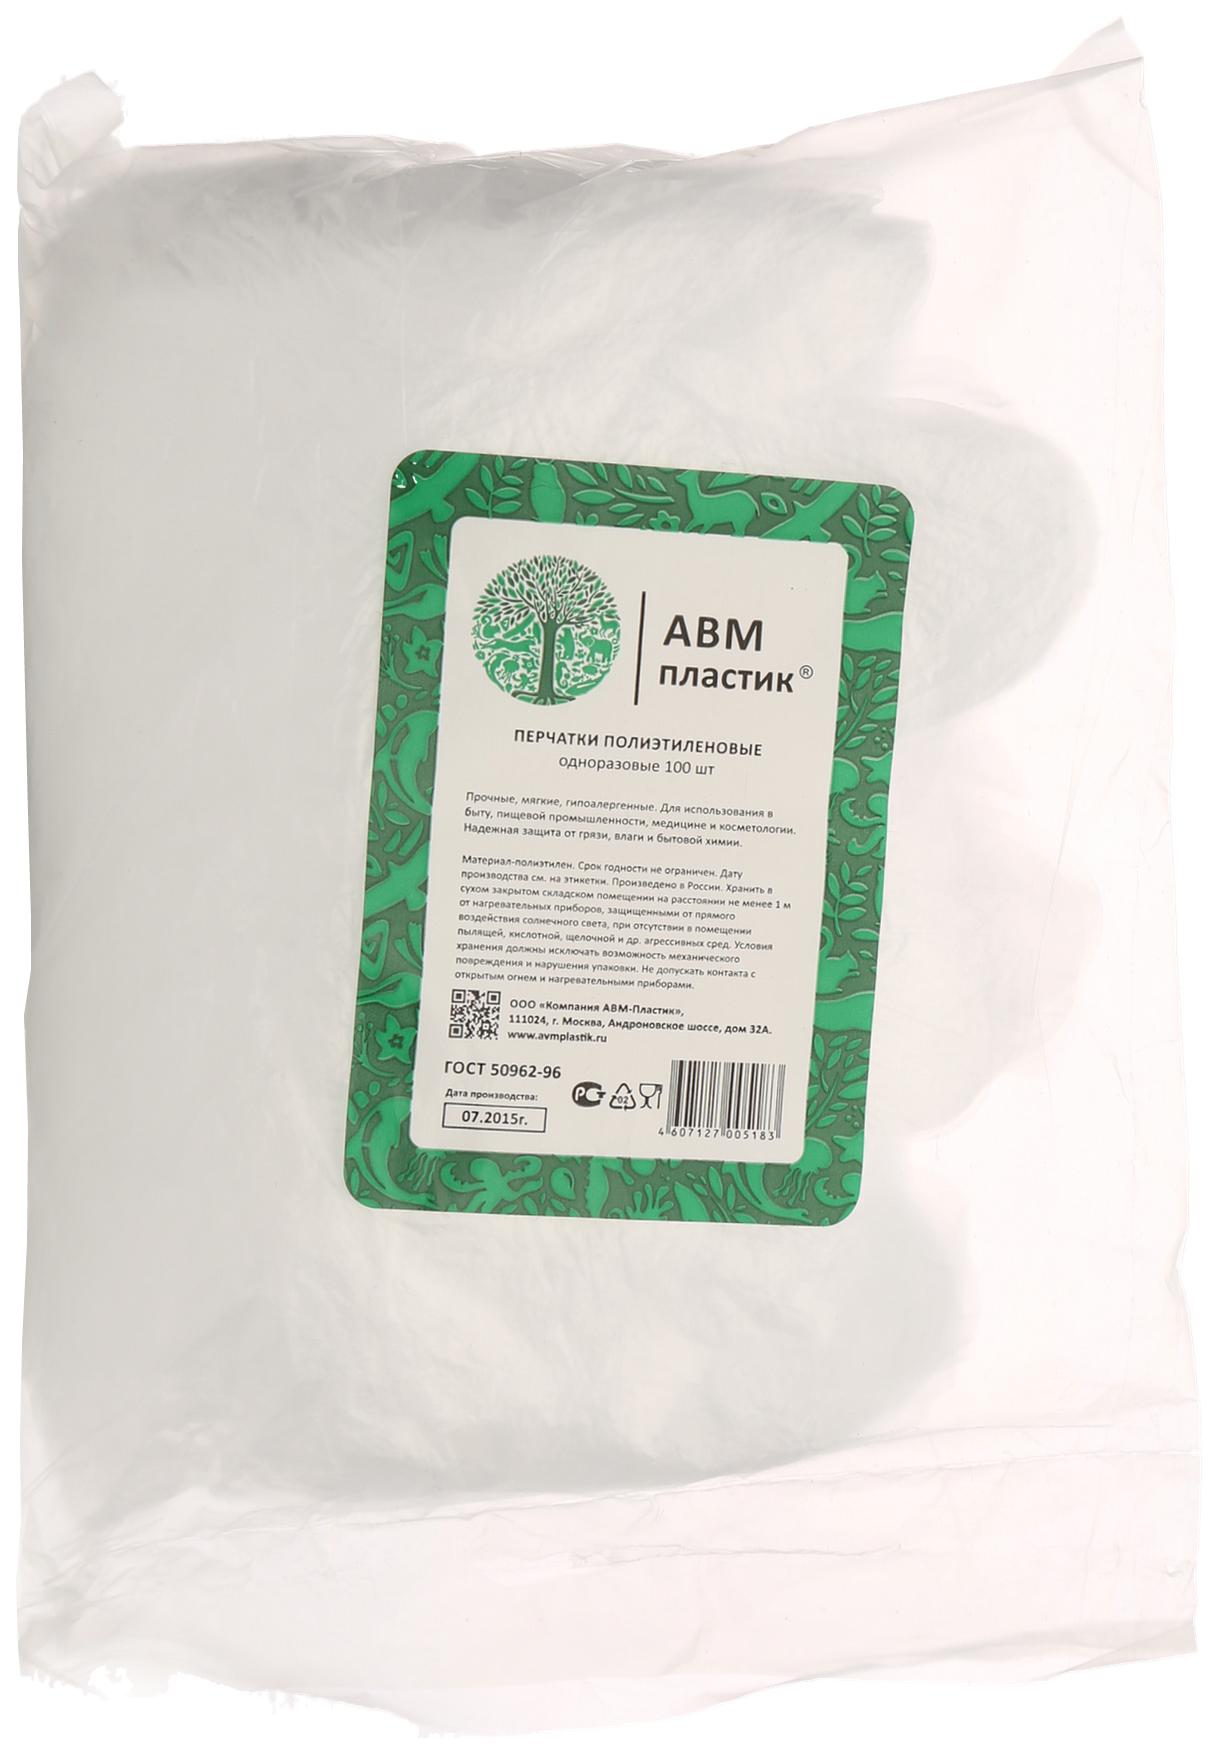 Перчатки для уборки АВМ Пластик Полиэтиленовые одноразовые